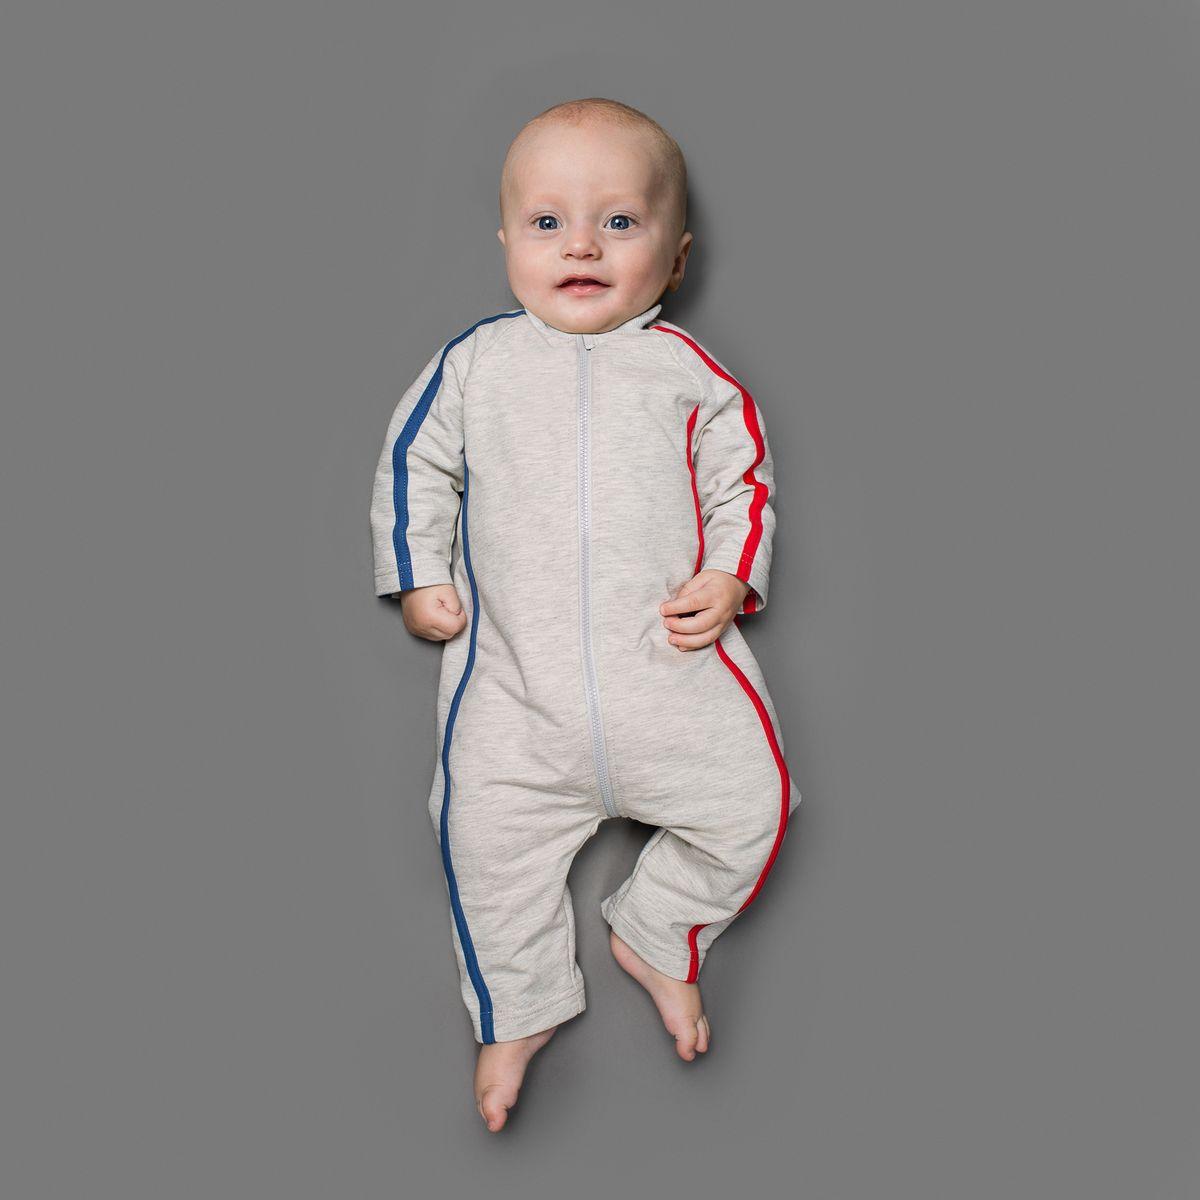 Комбинезон домашний22-522Комбинезон Ёмаё, изготовленный из футера - очень удобный и практичный вид одежды для малышей. Комбинезон с открытыми ножками застегивается спереди на длинную пластиковую застежку-молнию, что помогает с легкостью переодеть ребенка. Сзади модель дополнена двумя накладными кармашками. Оформлено изделие контрастными бейками. Комбинезон полностью соответствует особенностям жизни младенца в ранний период, не стесняя и не ограничивая его в движениях!